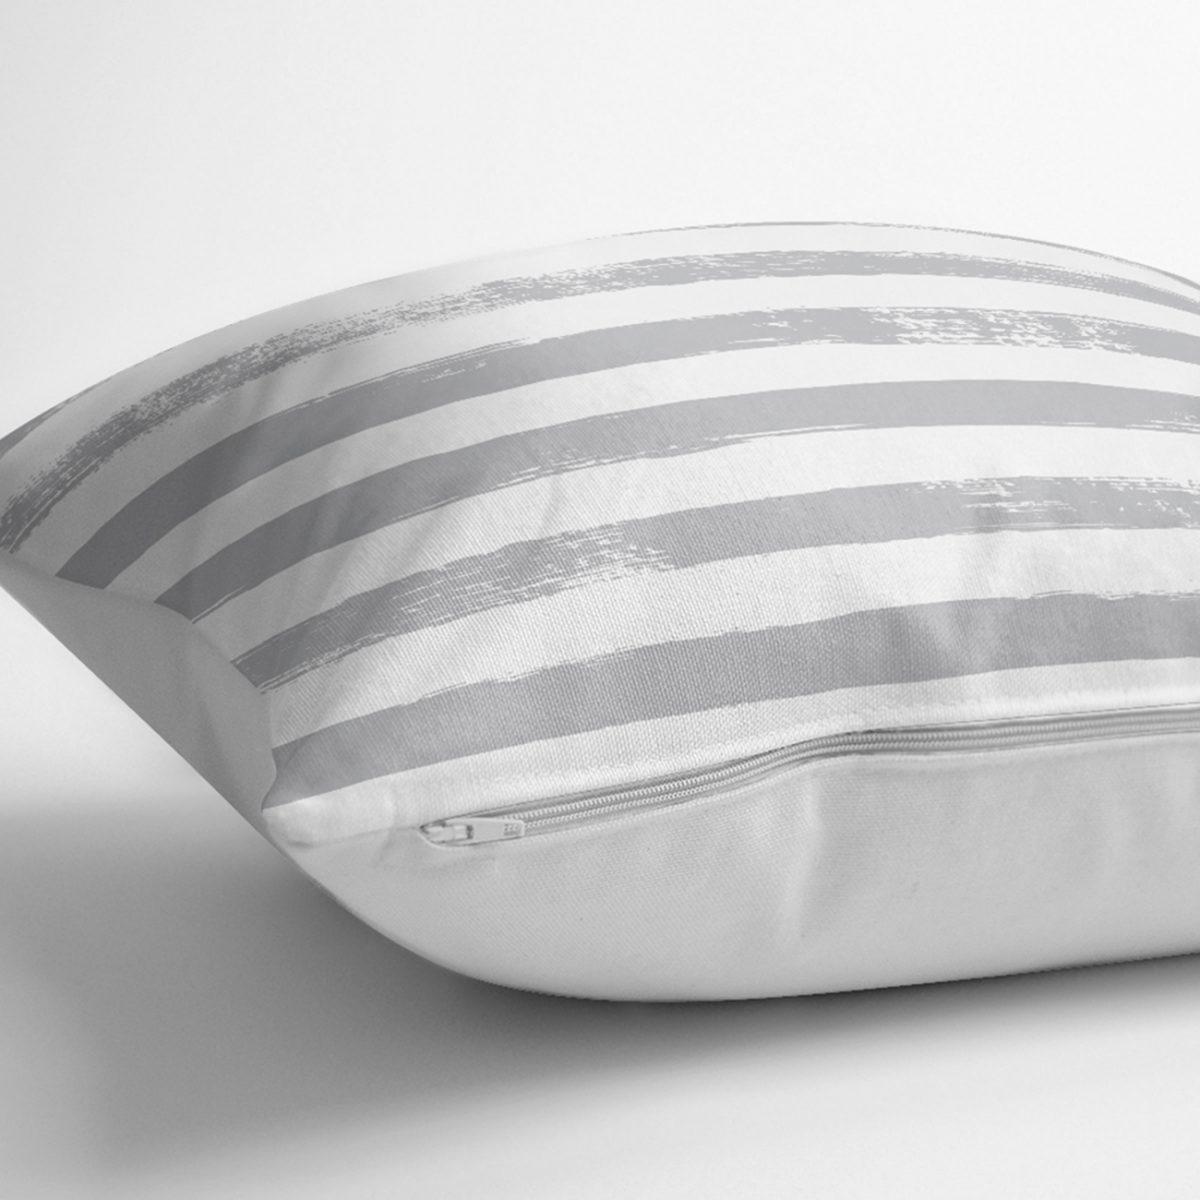 Gri Çizgili Motifli Dekoratif Modern Yastık Kılıfı Realhomes